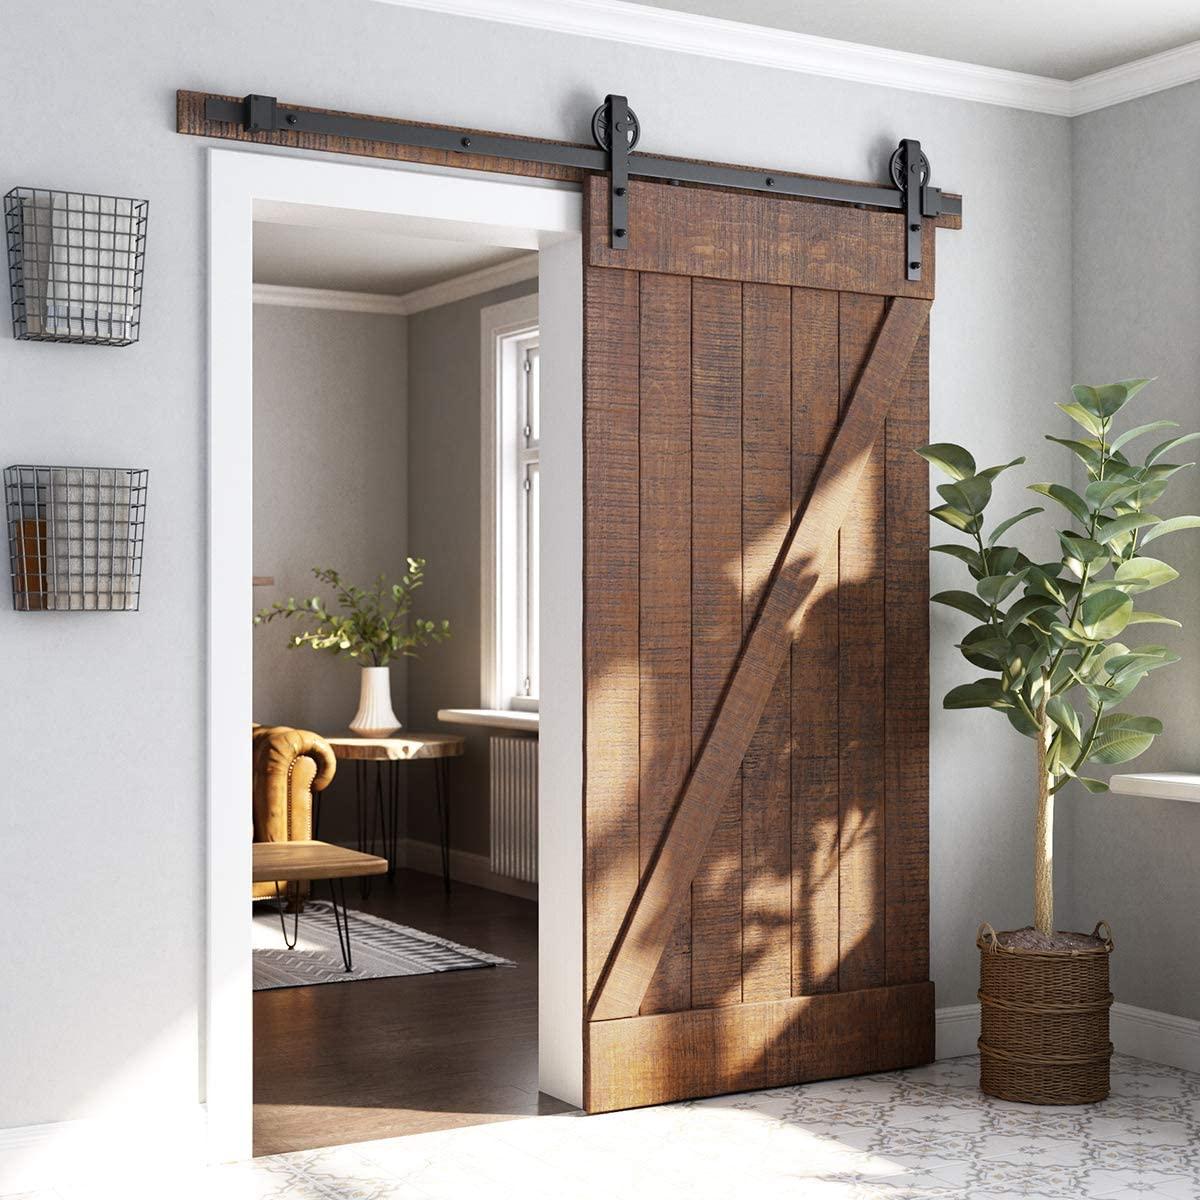 Оборудование для раздвижной двери сарая комплект Rail промышленный сарай деревянные двери межкомнатные двери шкафа Кухня дверь комплект тре...